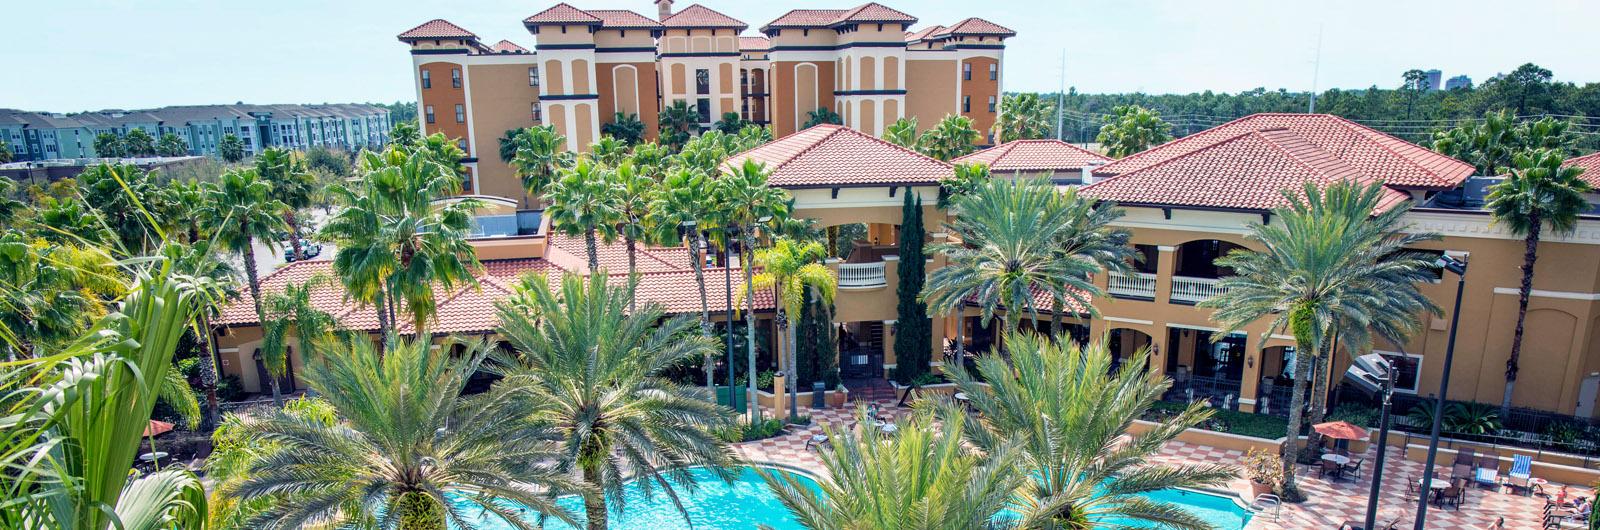 Fler resor på höstlovet - Florida med hotellpaket, eller varför inte en kryssning i Karibien?